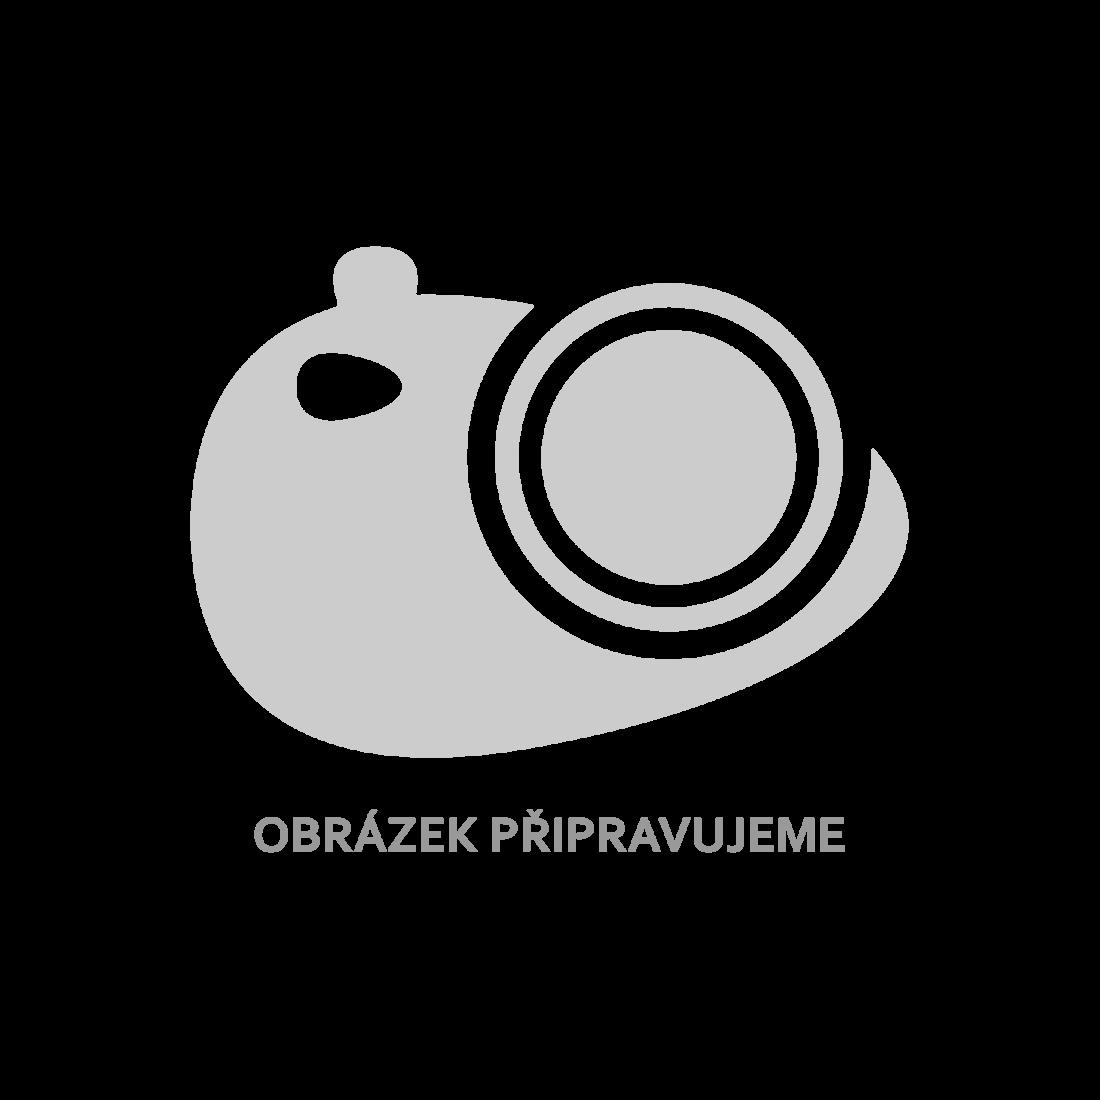 vidaXL Kancelářské stoličky 2 ks bílé 35,5 x 98 cm umělá kůže [277175]